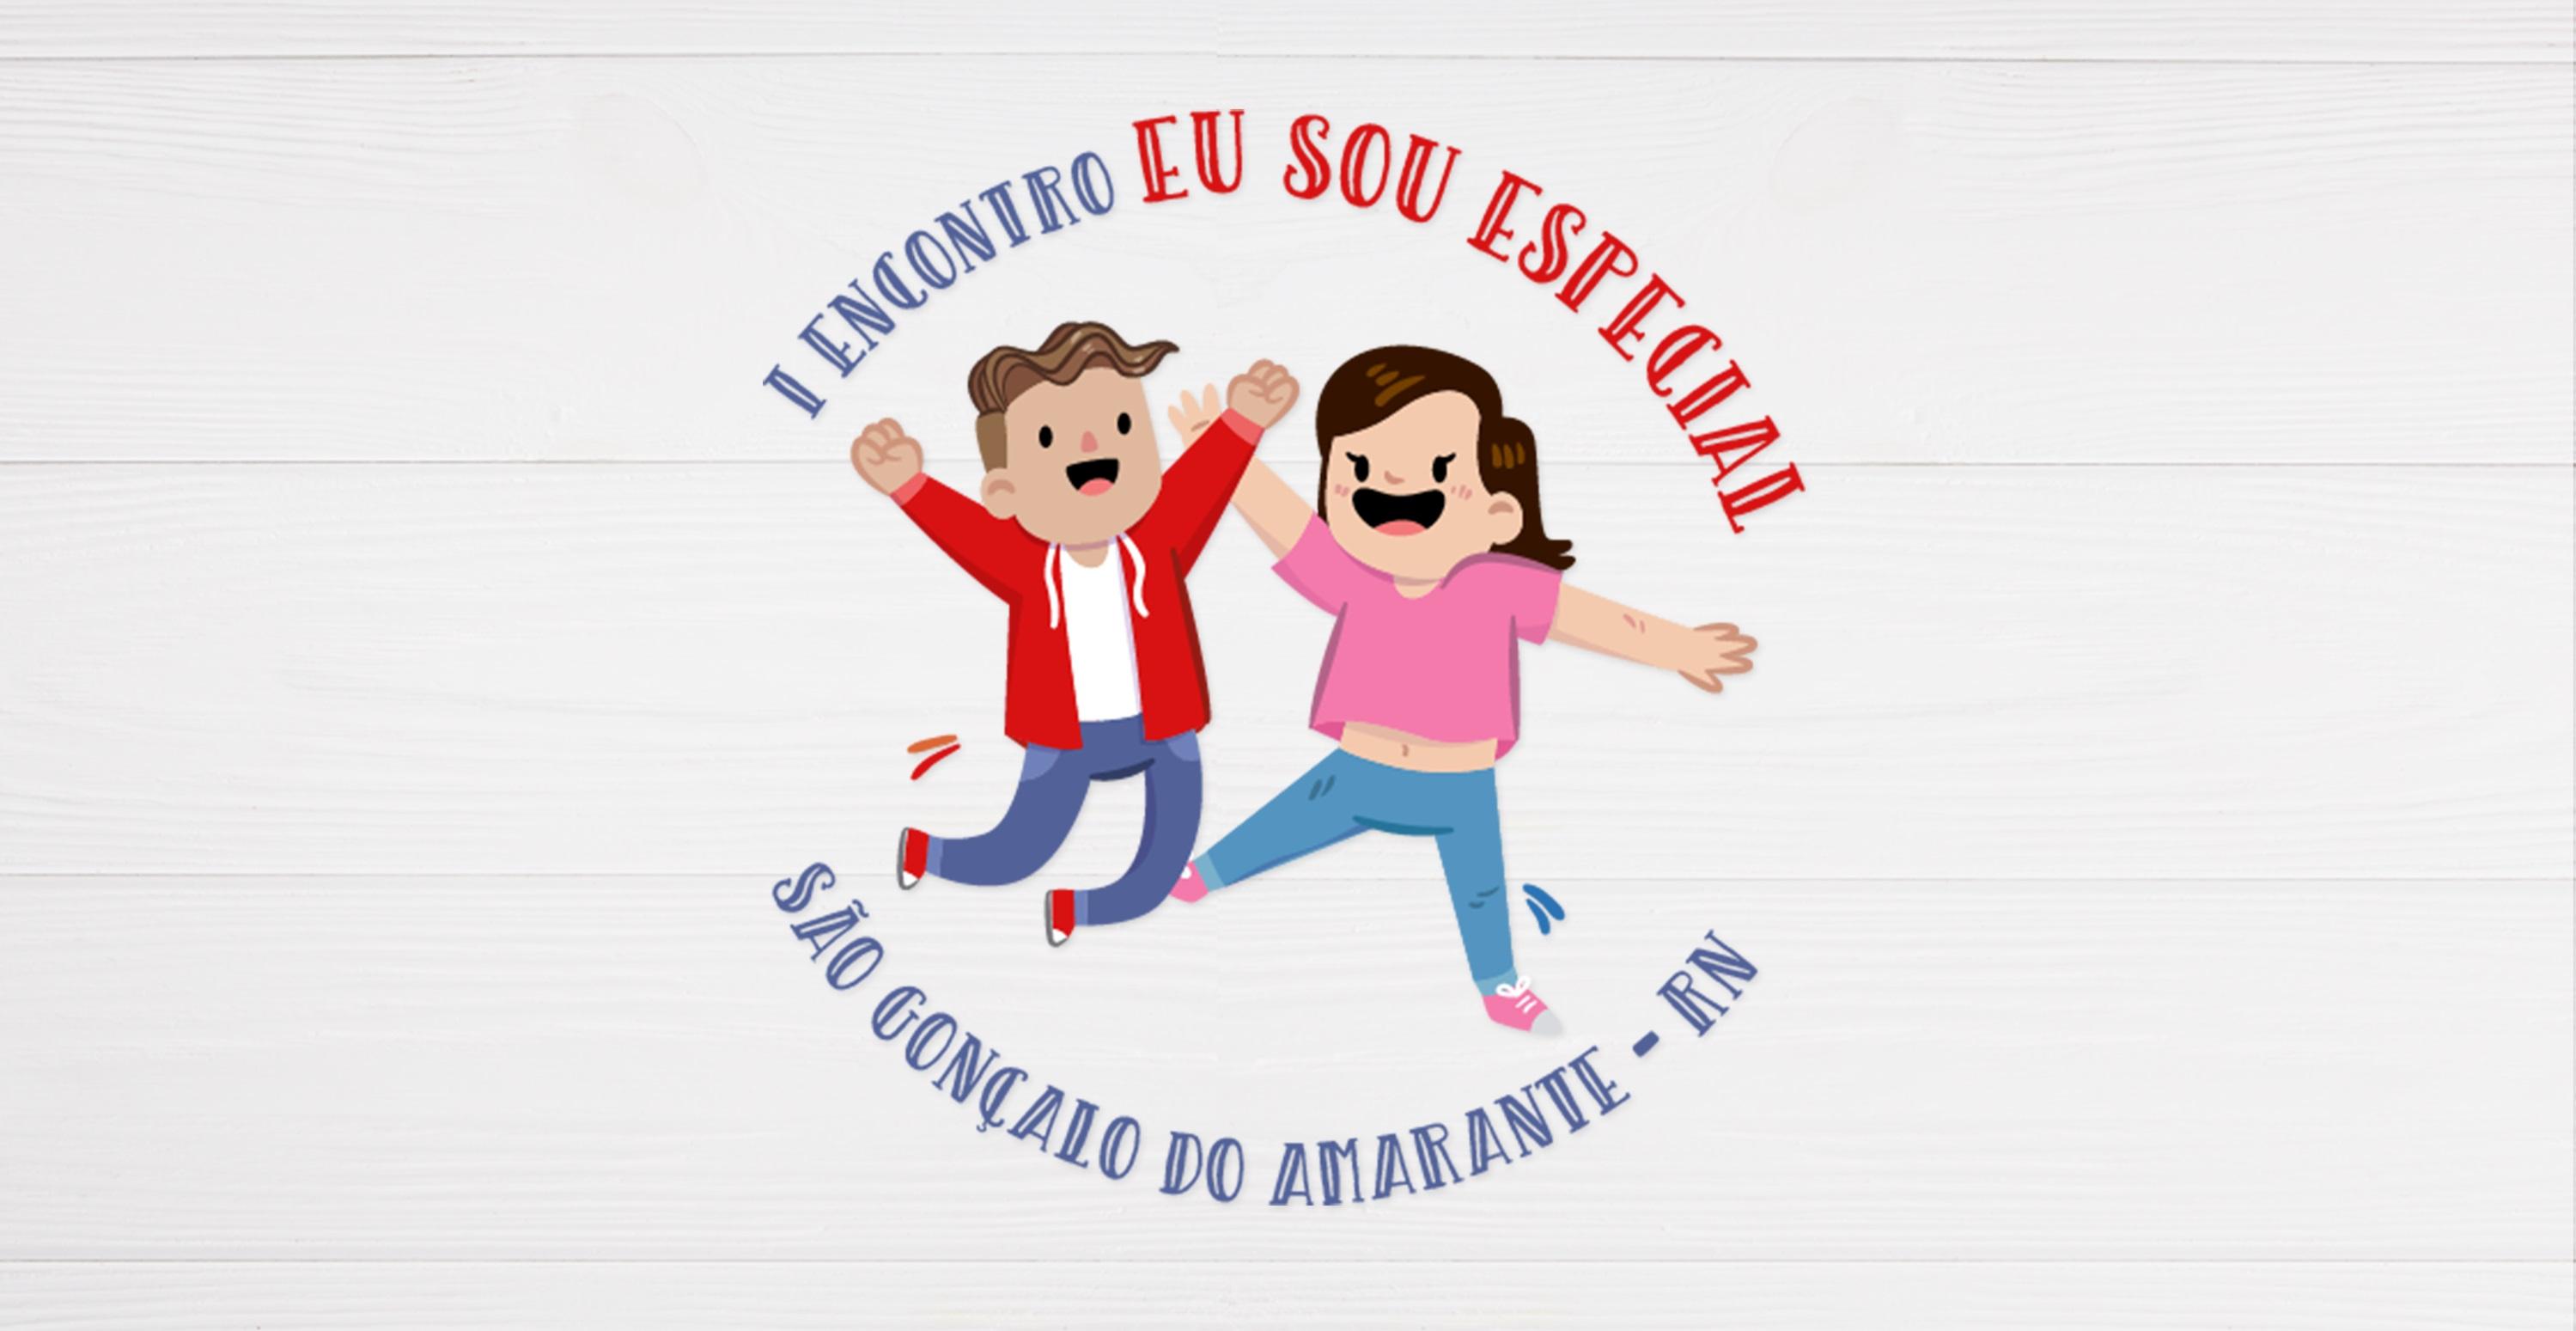 Páscoa: Encontro reúne crianças e adolescentes com deficiência em São Gonçalo